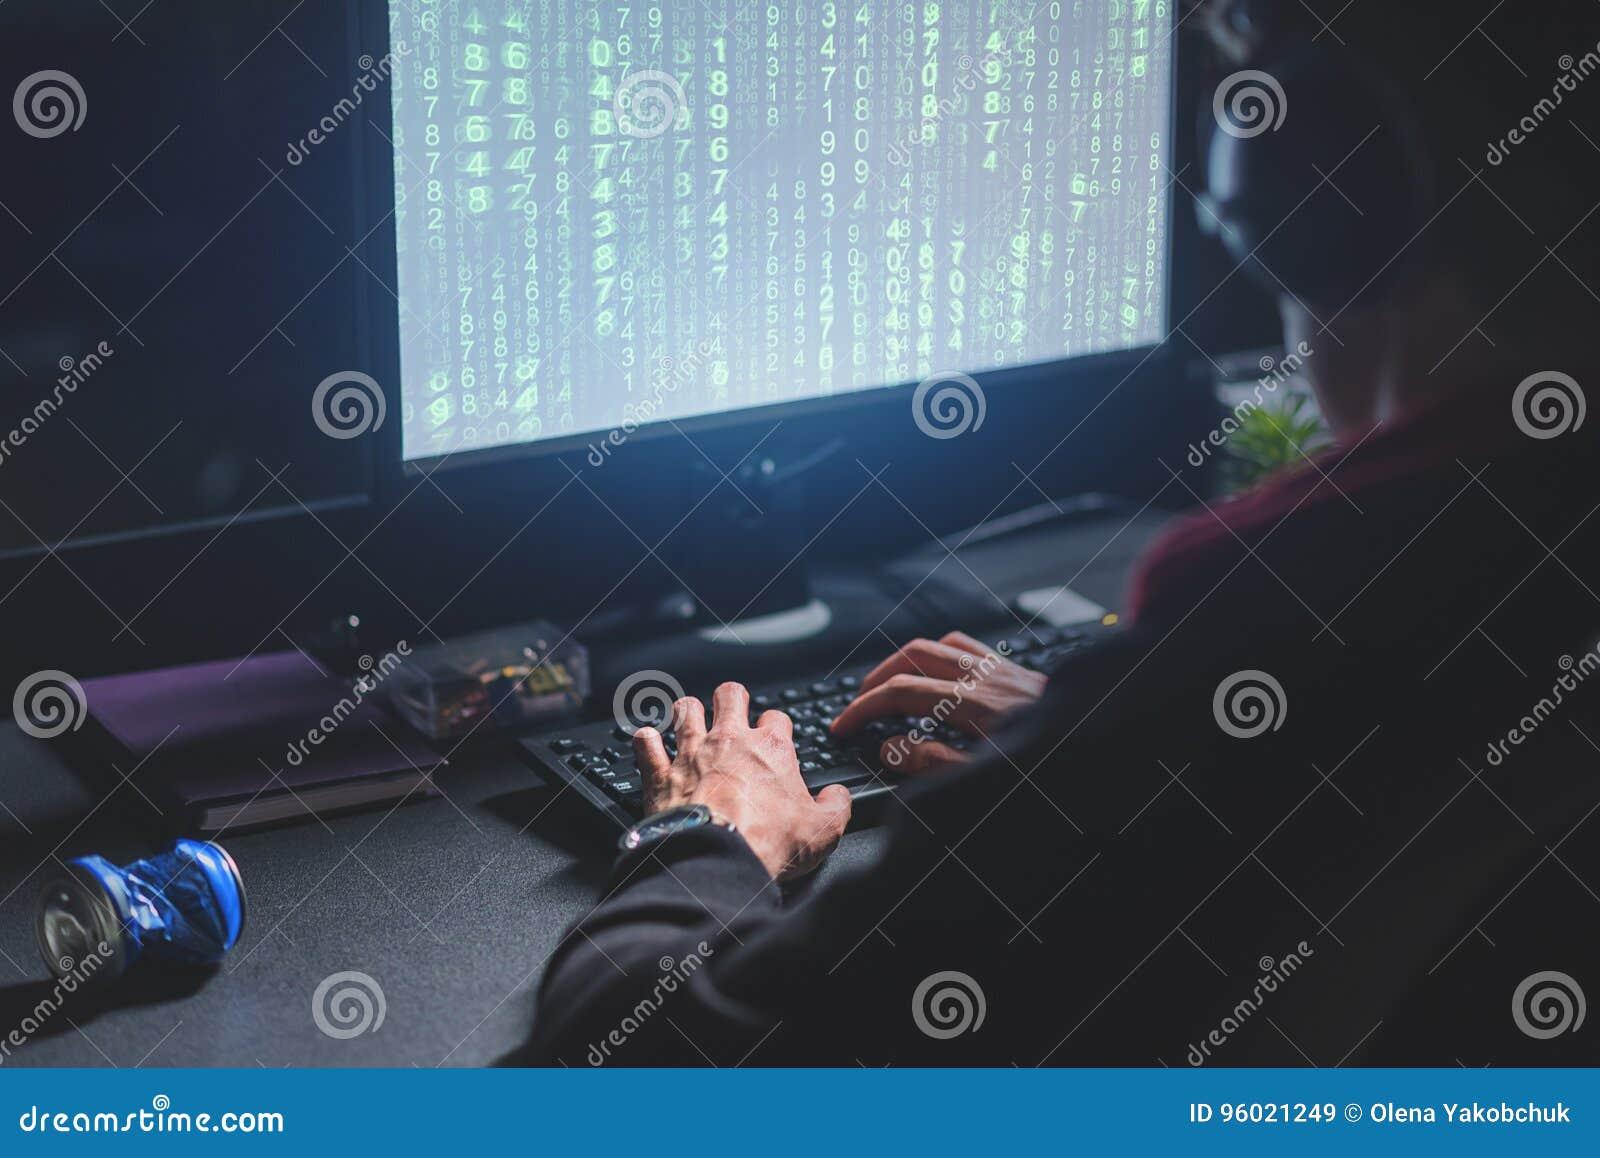 El hombre concentrado está descifrando transmisiones electrónicas cifradas